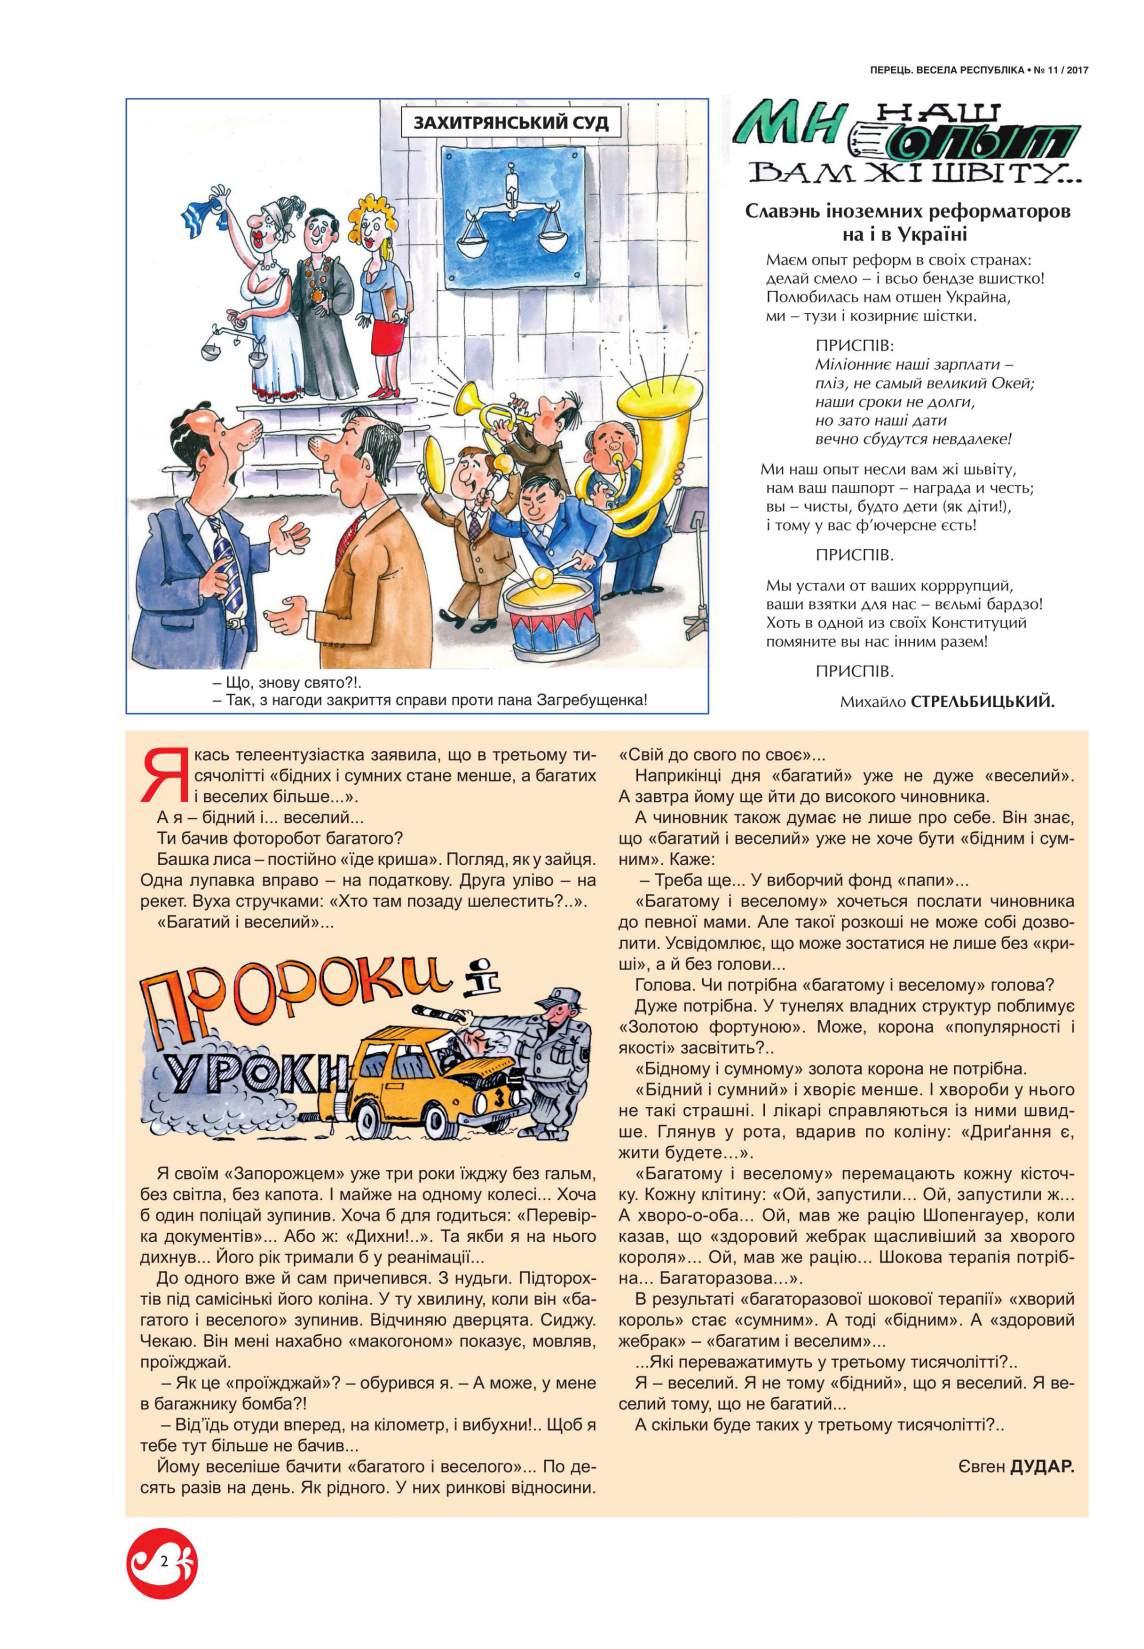 Журнал перець 2017 №11